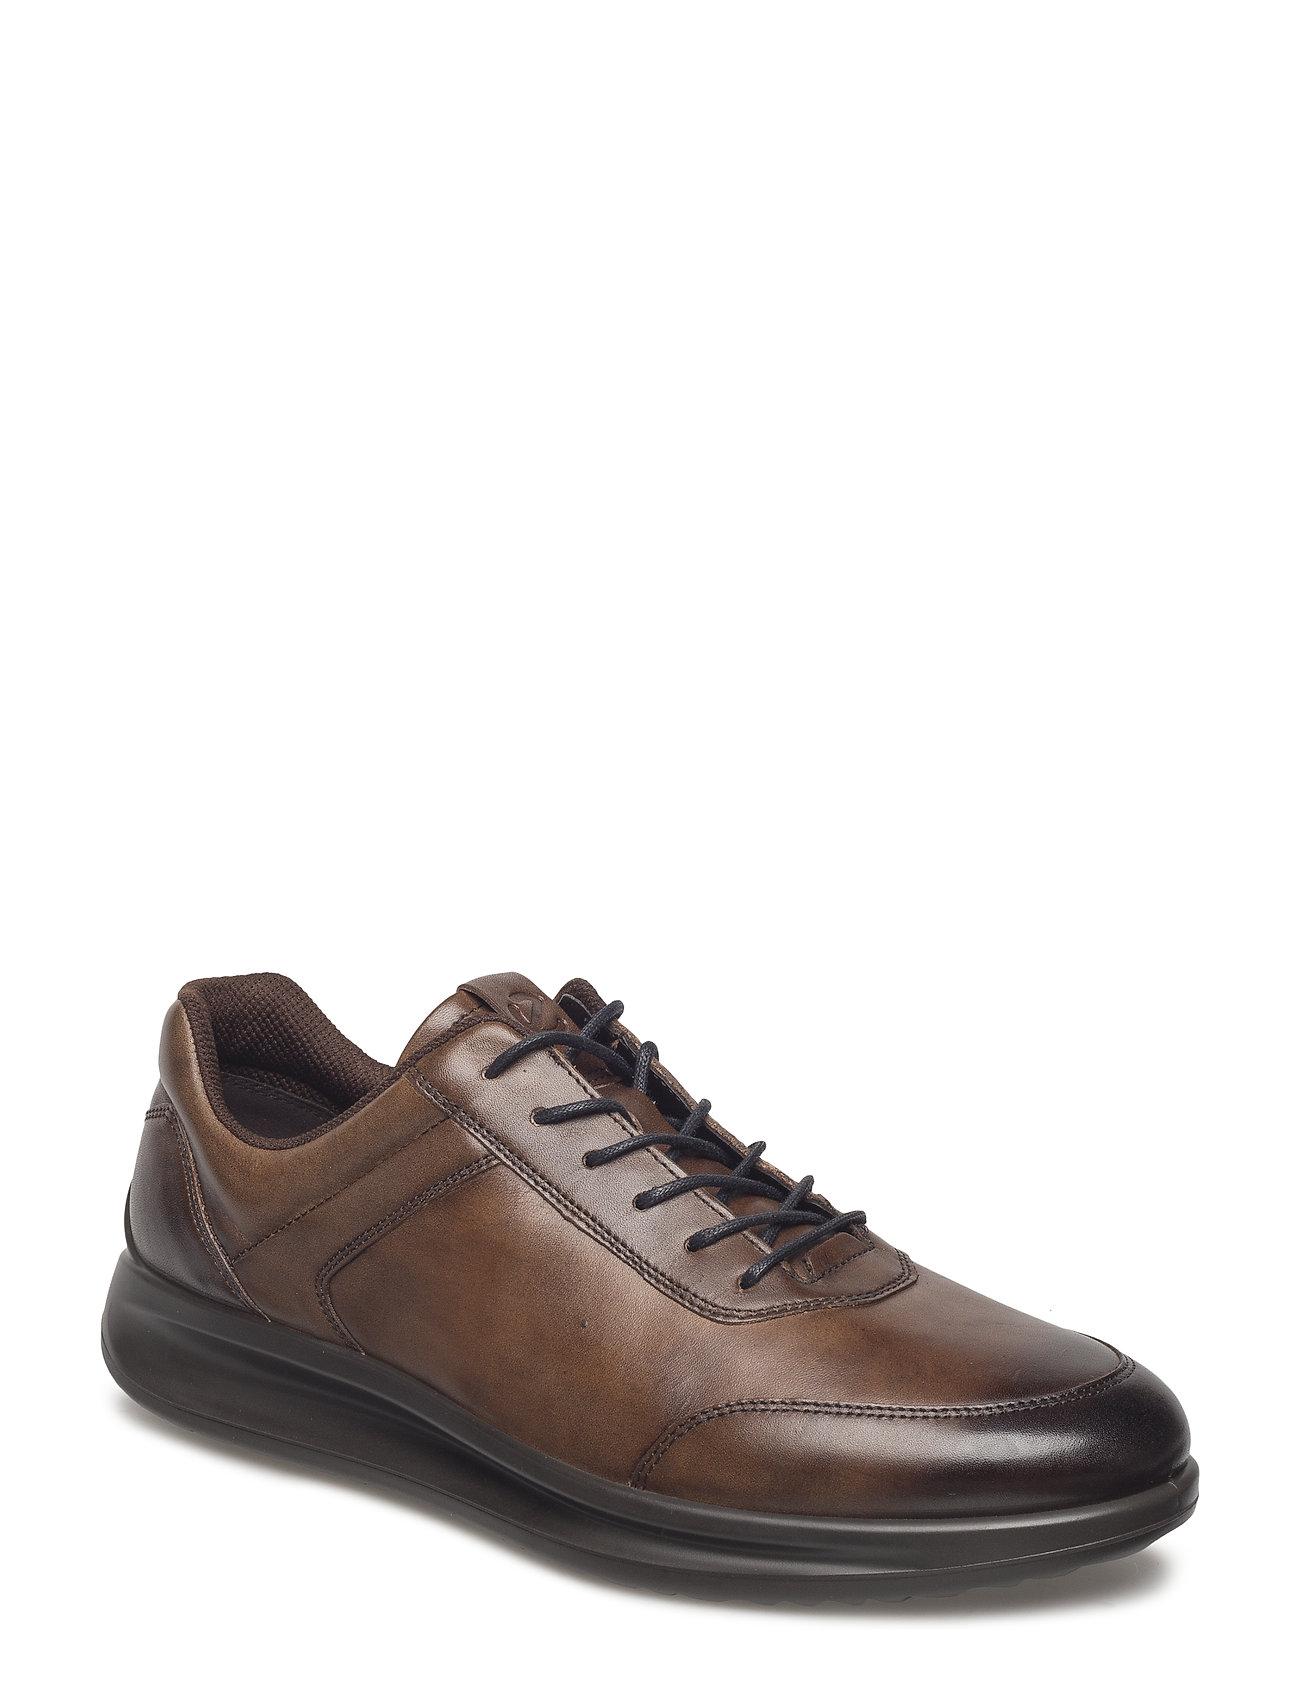 Image of Aquet Low-top Sneakers Brun ECCO (3215645697)